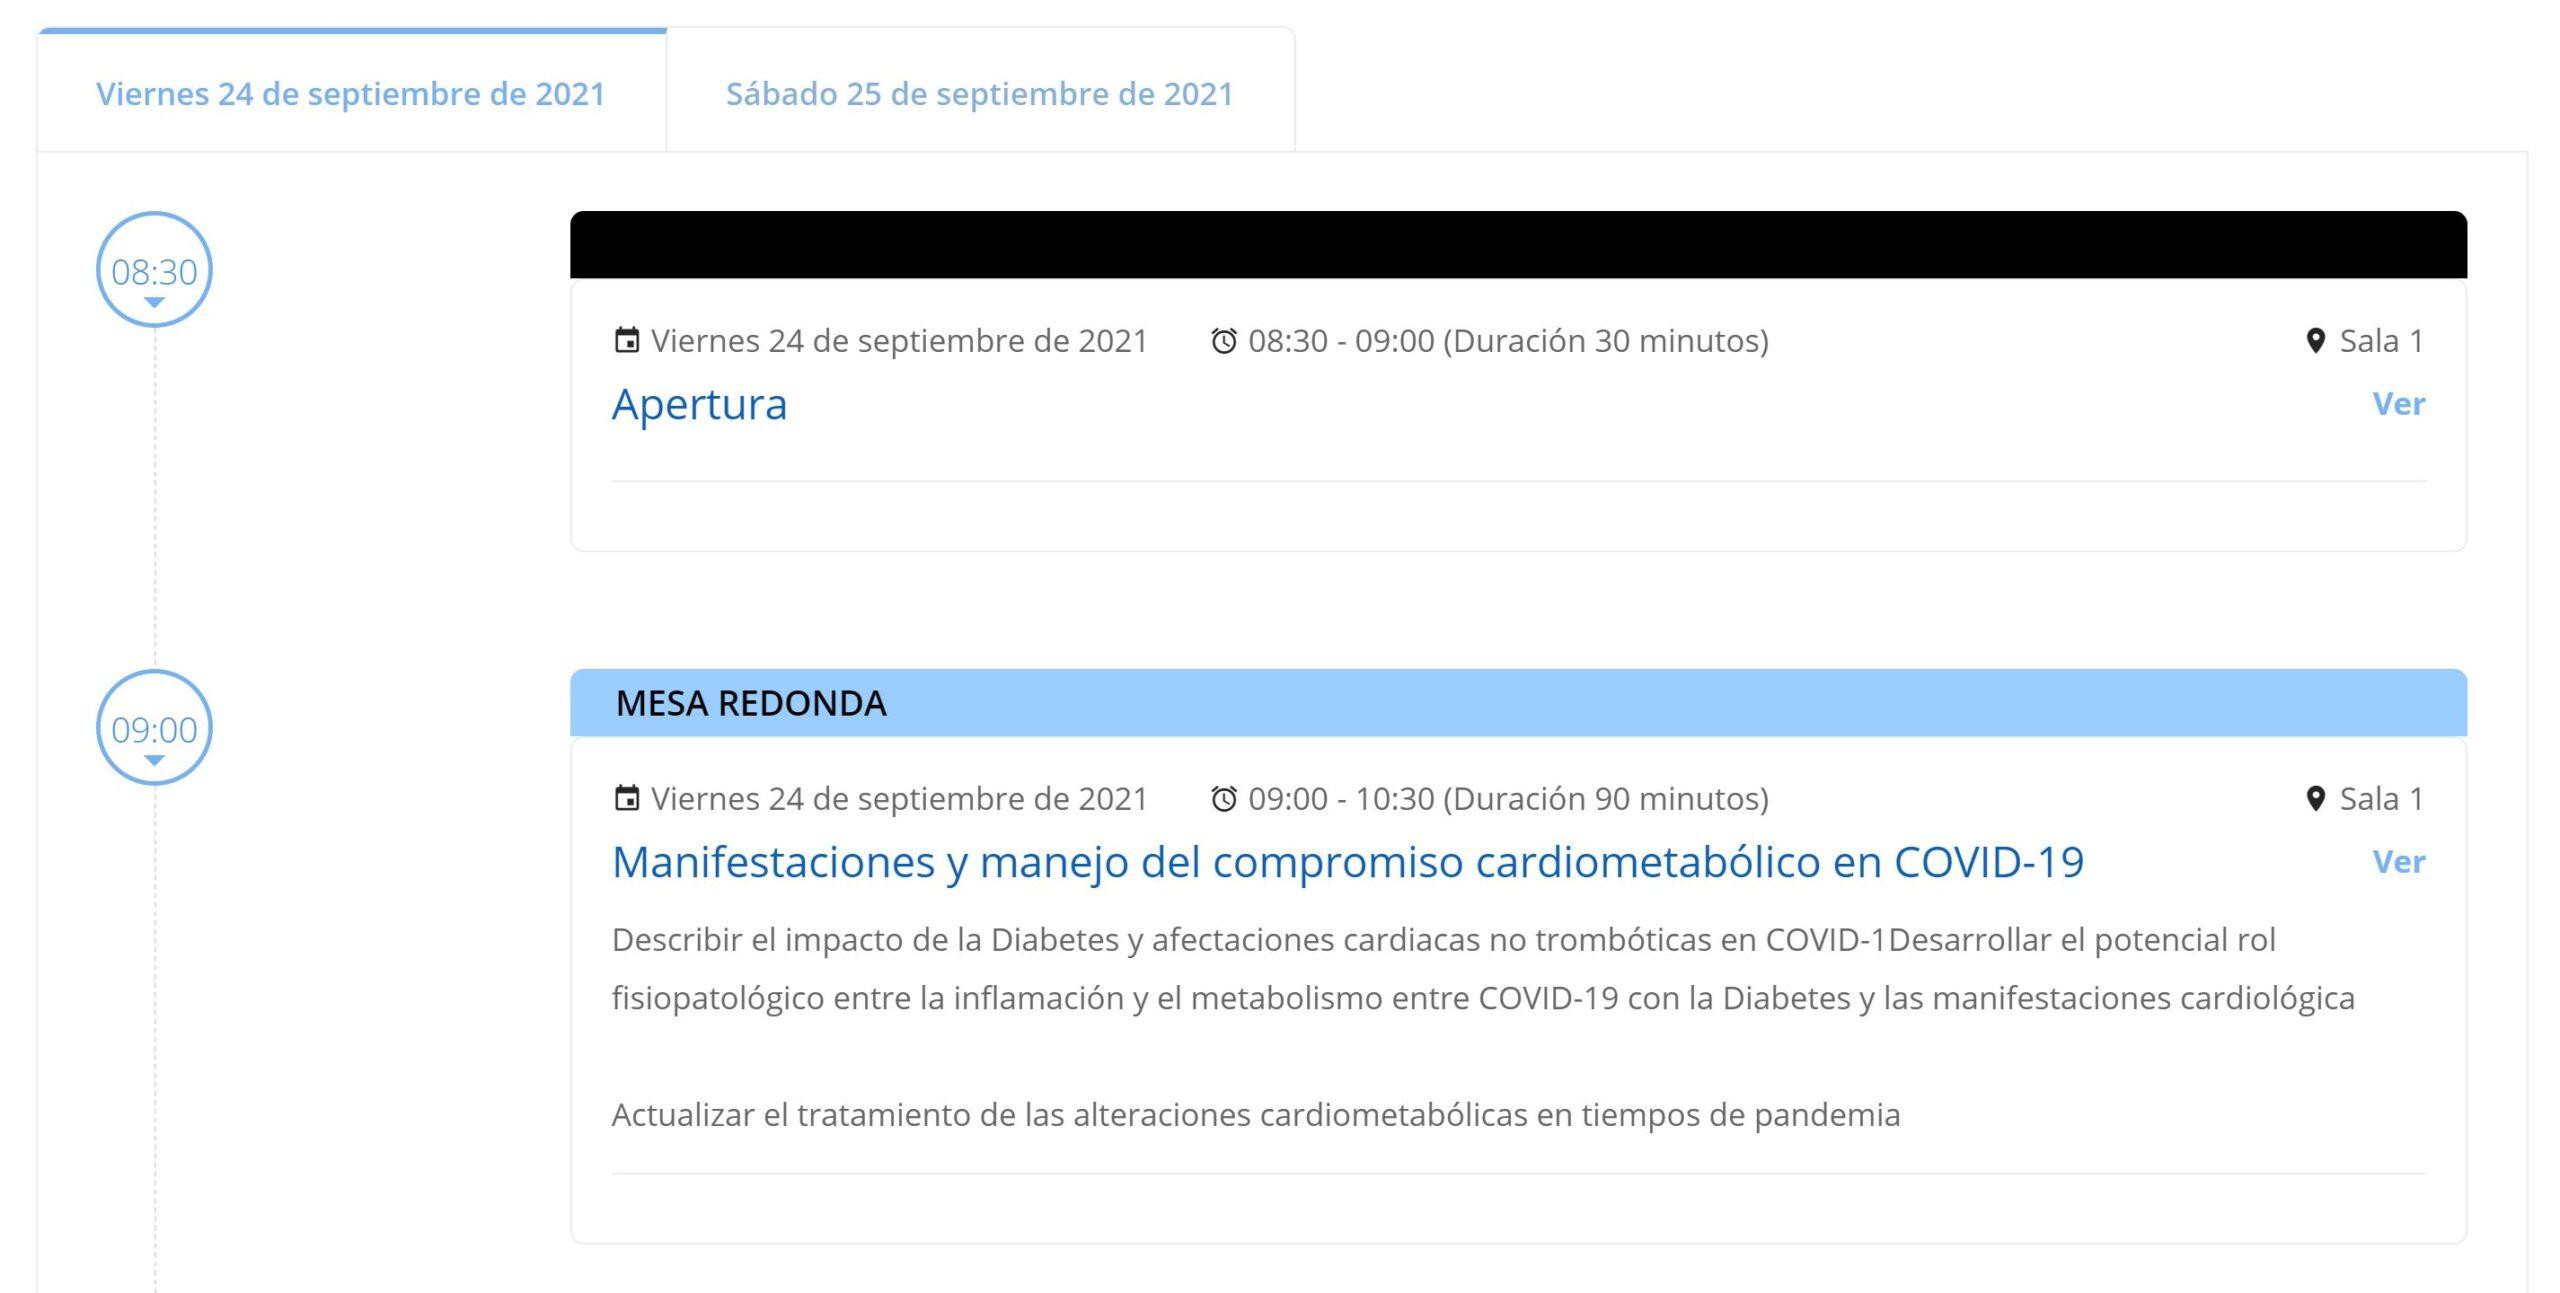 Programa Cientifico Online Jornadas COVID-19 Congreso Clinicas 2021